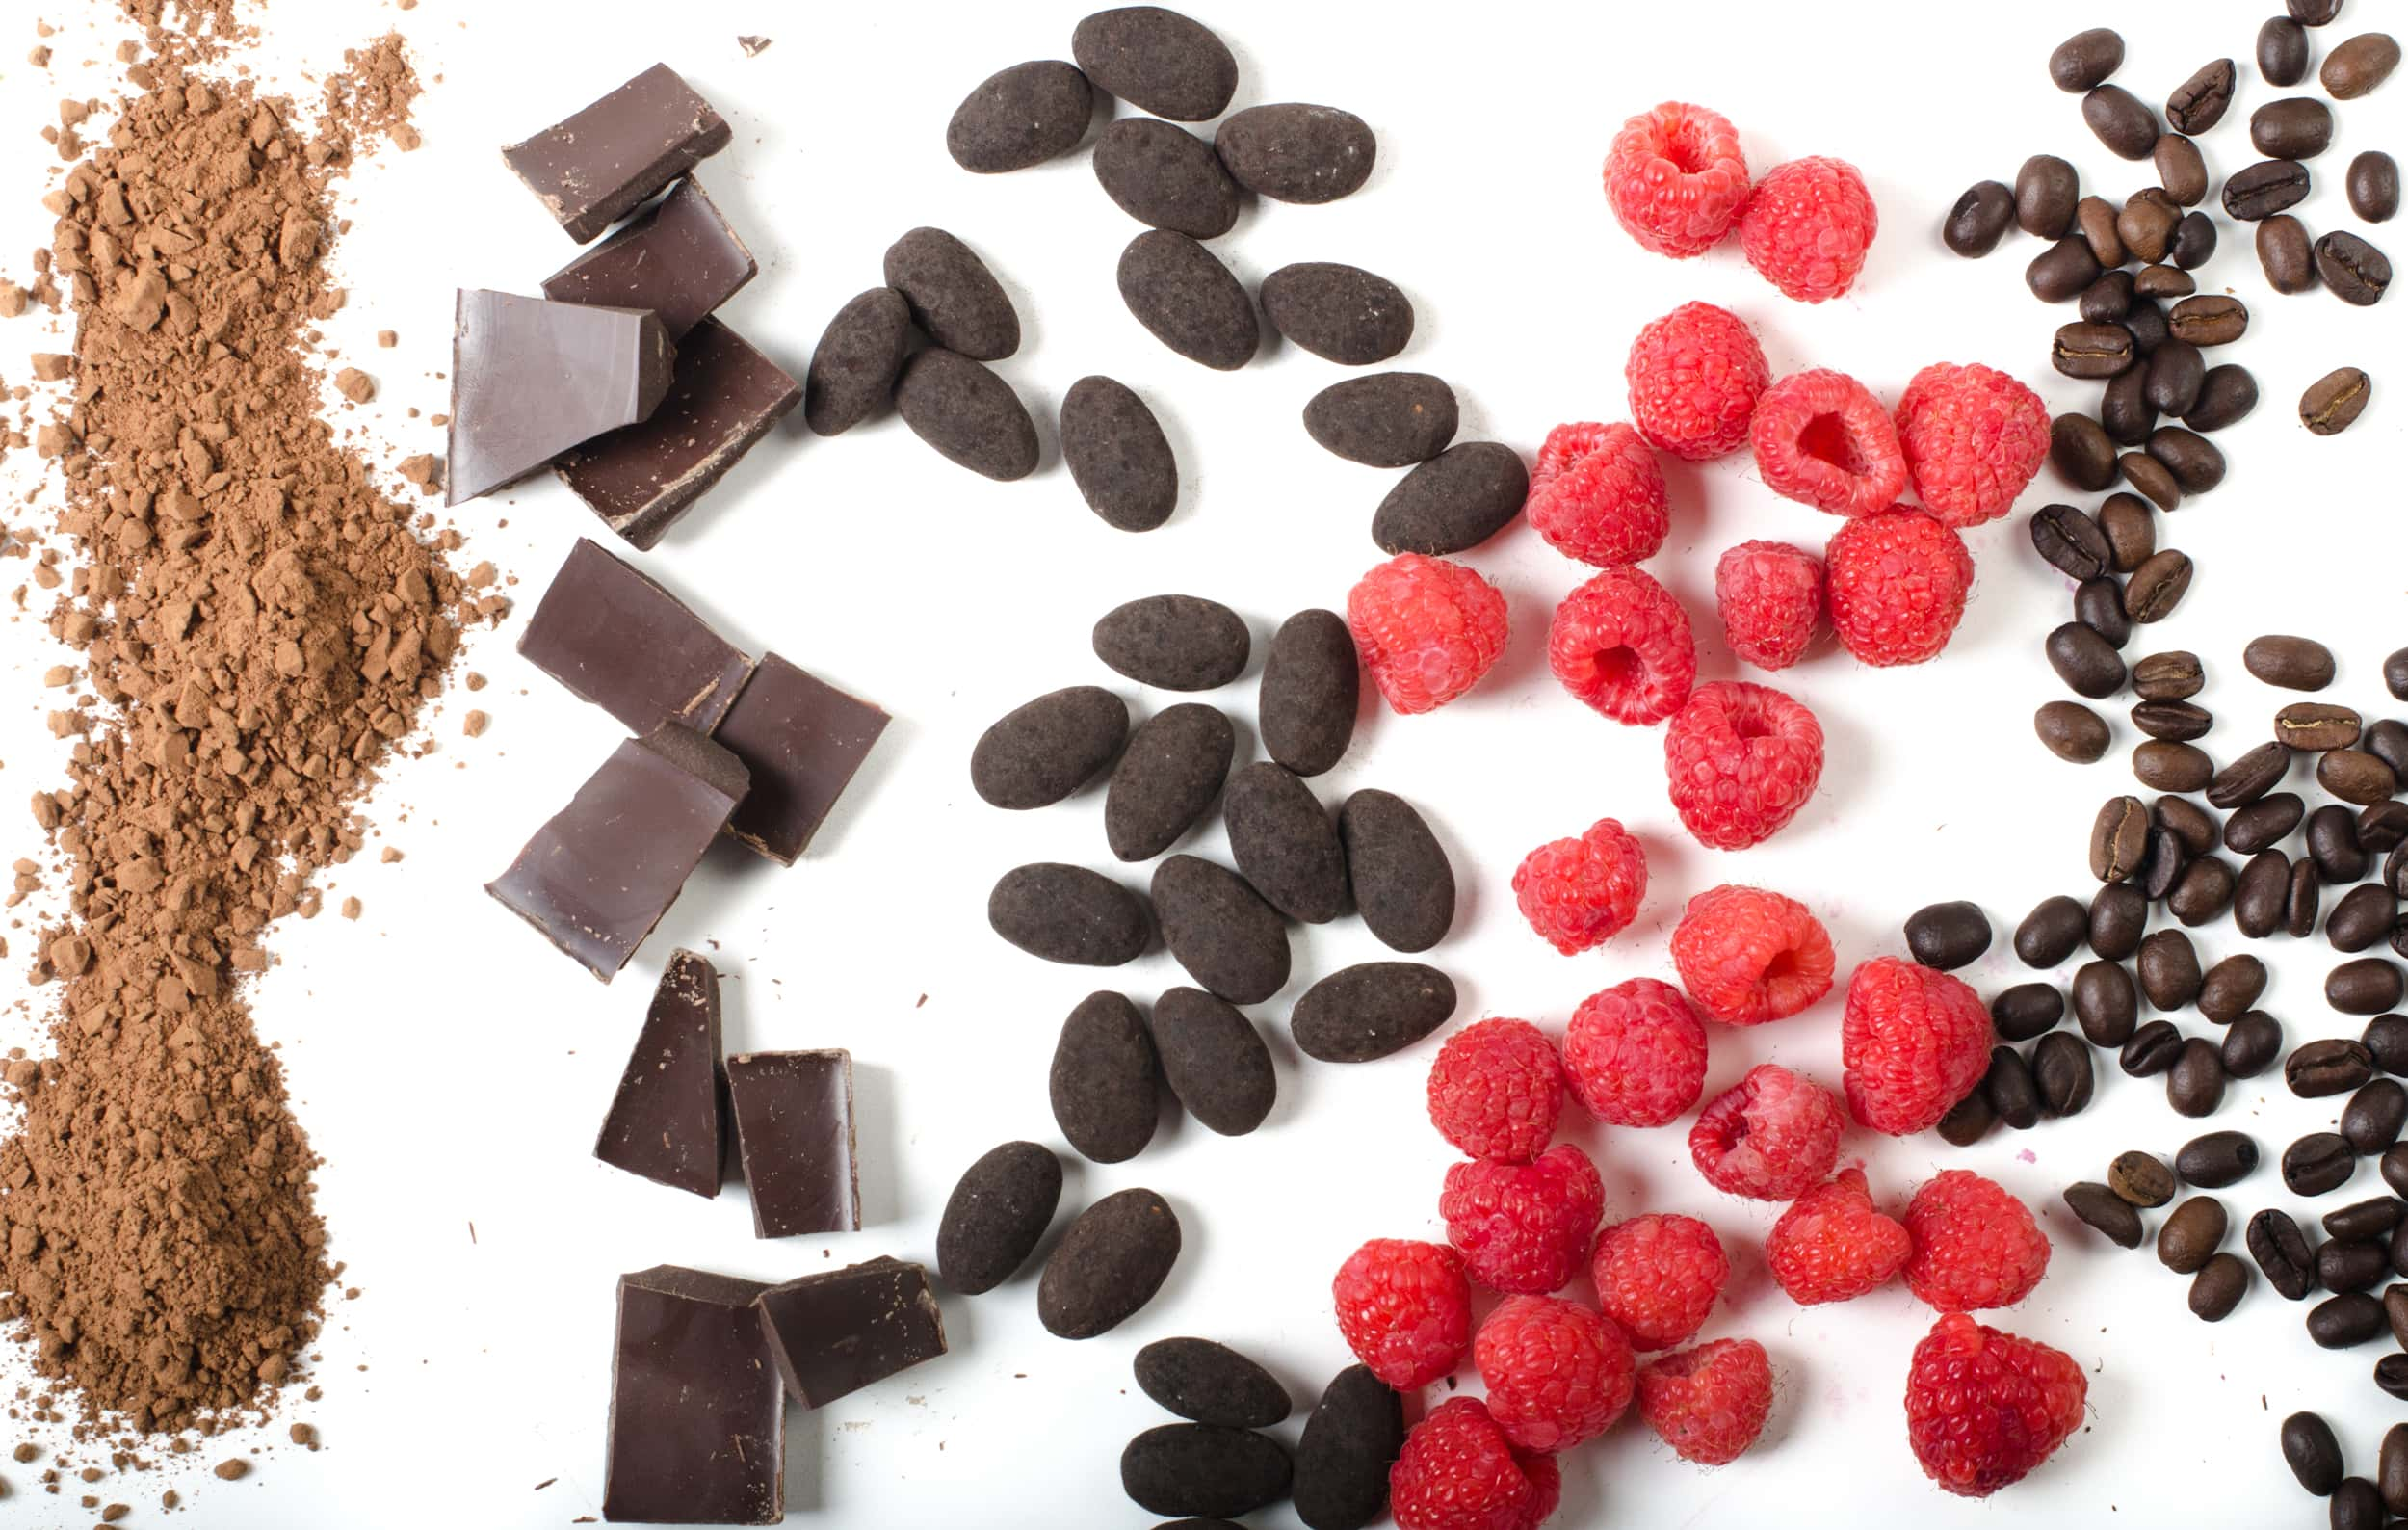 Various Skinny Dipped ingredients.